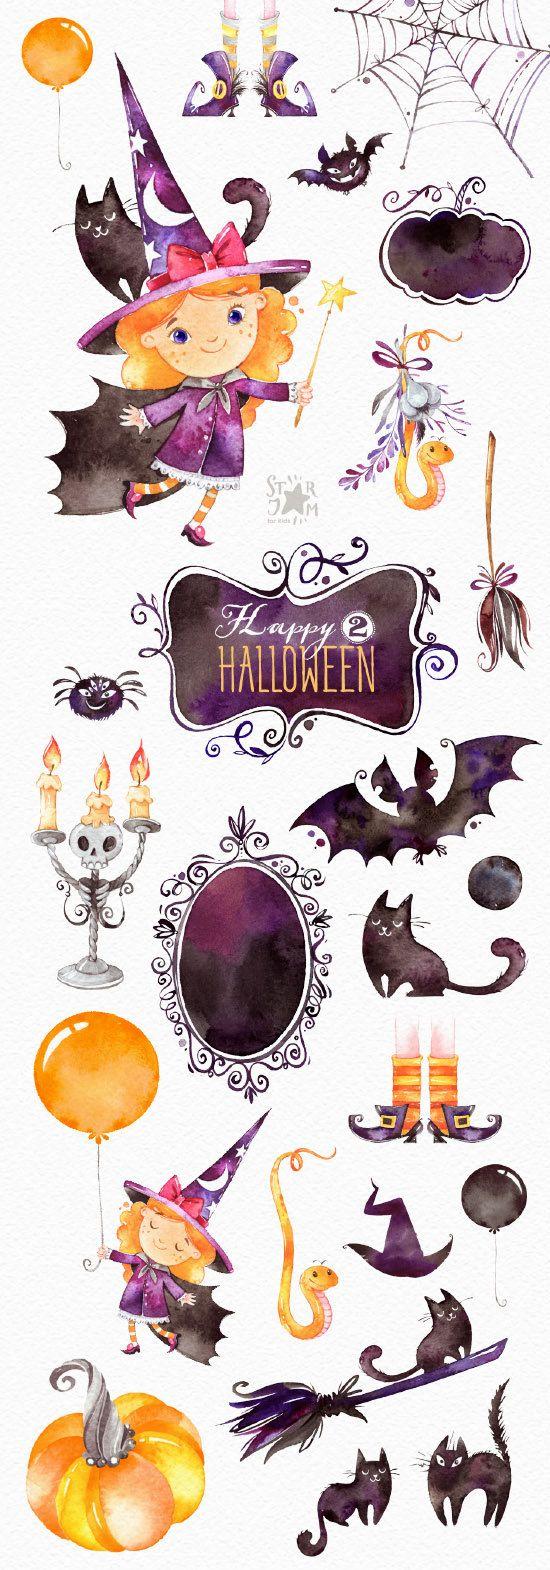 Este conjunto de imágenes prediseñadas de Halloween es justo lo necesitaba para la perfecta para Haloween proyectos, productos de papel, decoraciones para fiestas, imprimibles, tarjetas de felicitación, carteles, papelería, álbumes de recortes, pegatinas, camisetas, ropa de bebé, diseños web y mucho más.  ::: DETALLES:::  Esta colección incluye:  -26 elementos en archivos separados del PNG, fondo transparente, diverso tamaño aprox.: 12-4 en (3600-1200px)  300 dpi RGB  Todos los juegos de…